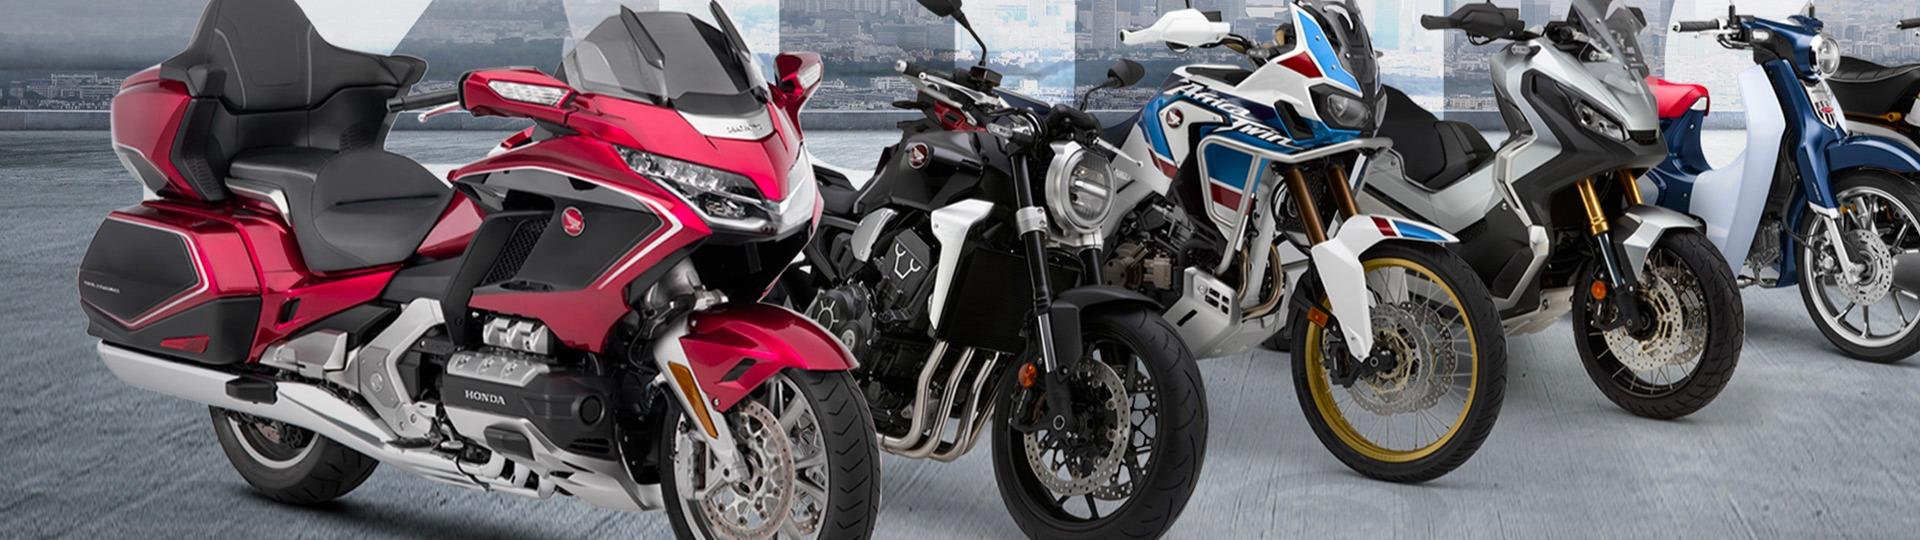 Konşuk Motor Motosiklet Kampanyaları